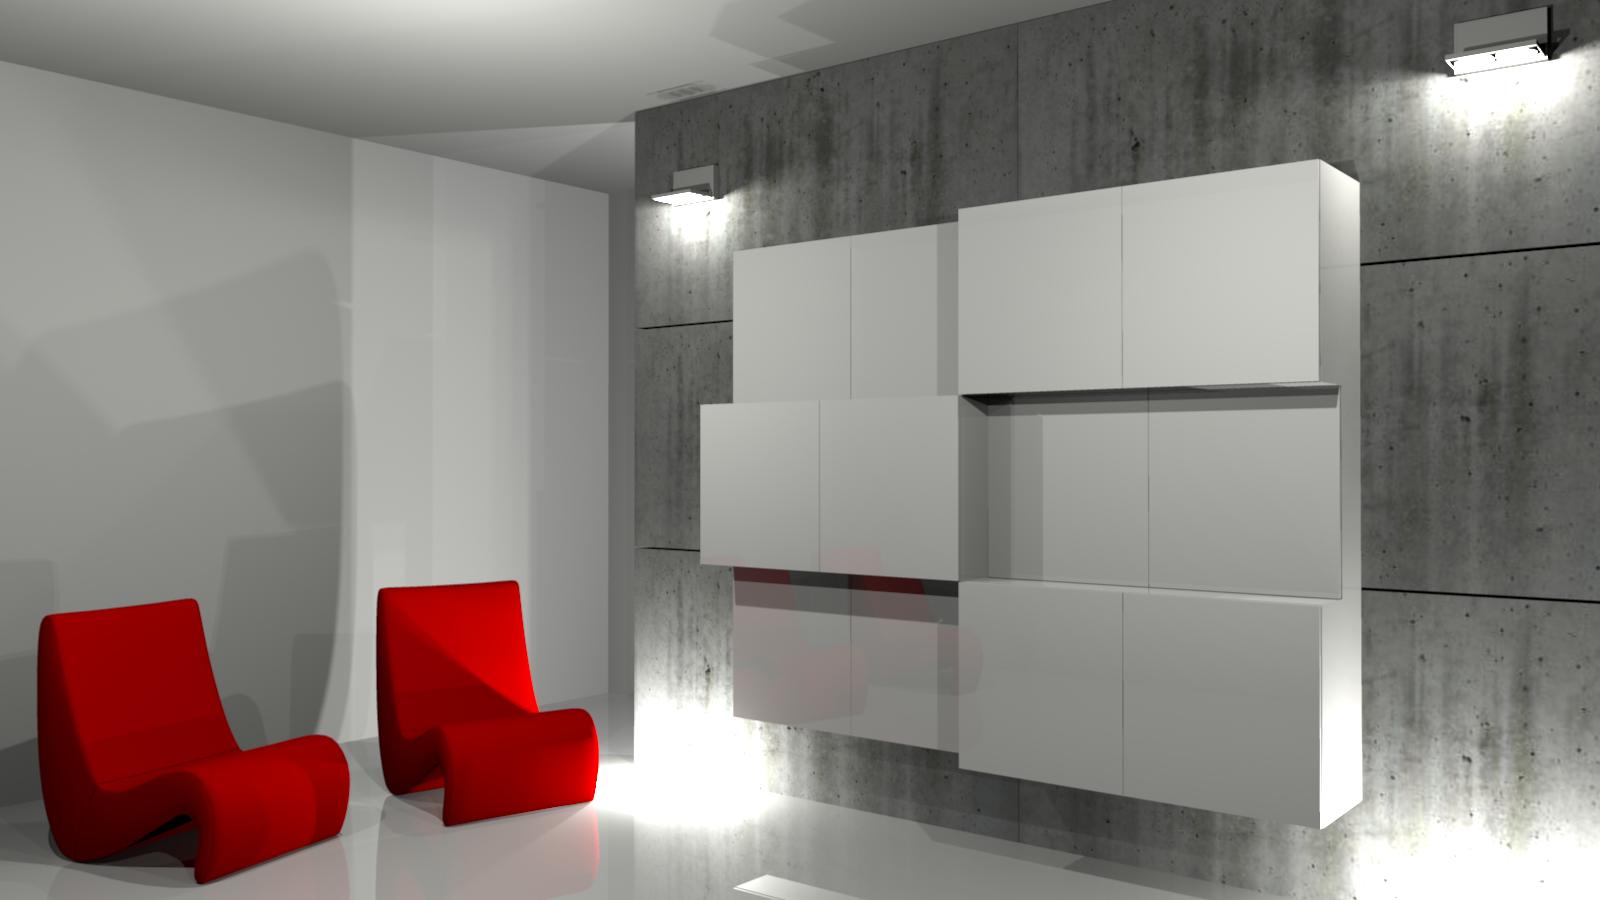 rangement cd besta. Black Bedroom Furniture Sets. Home Design Ideas